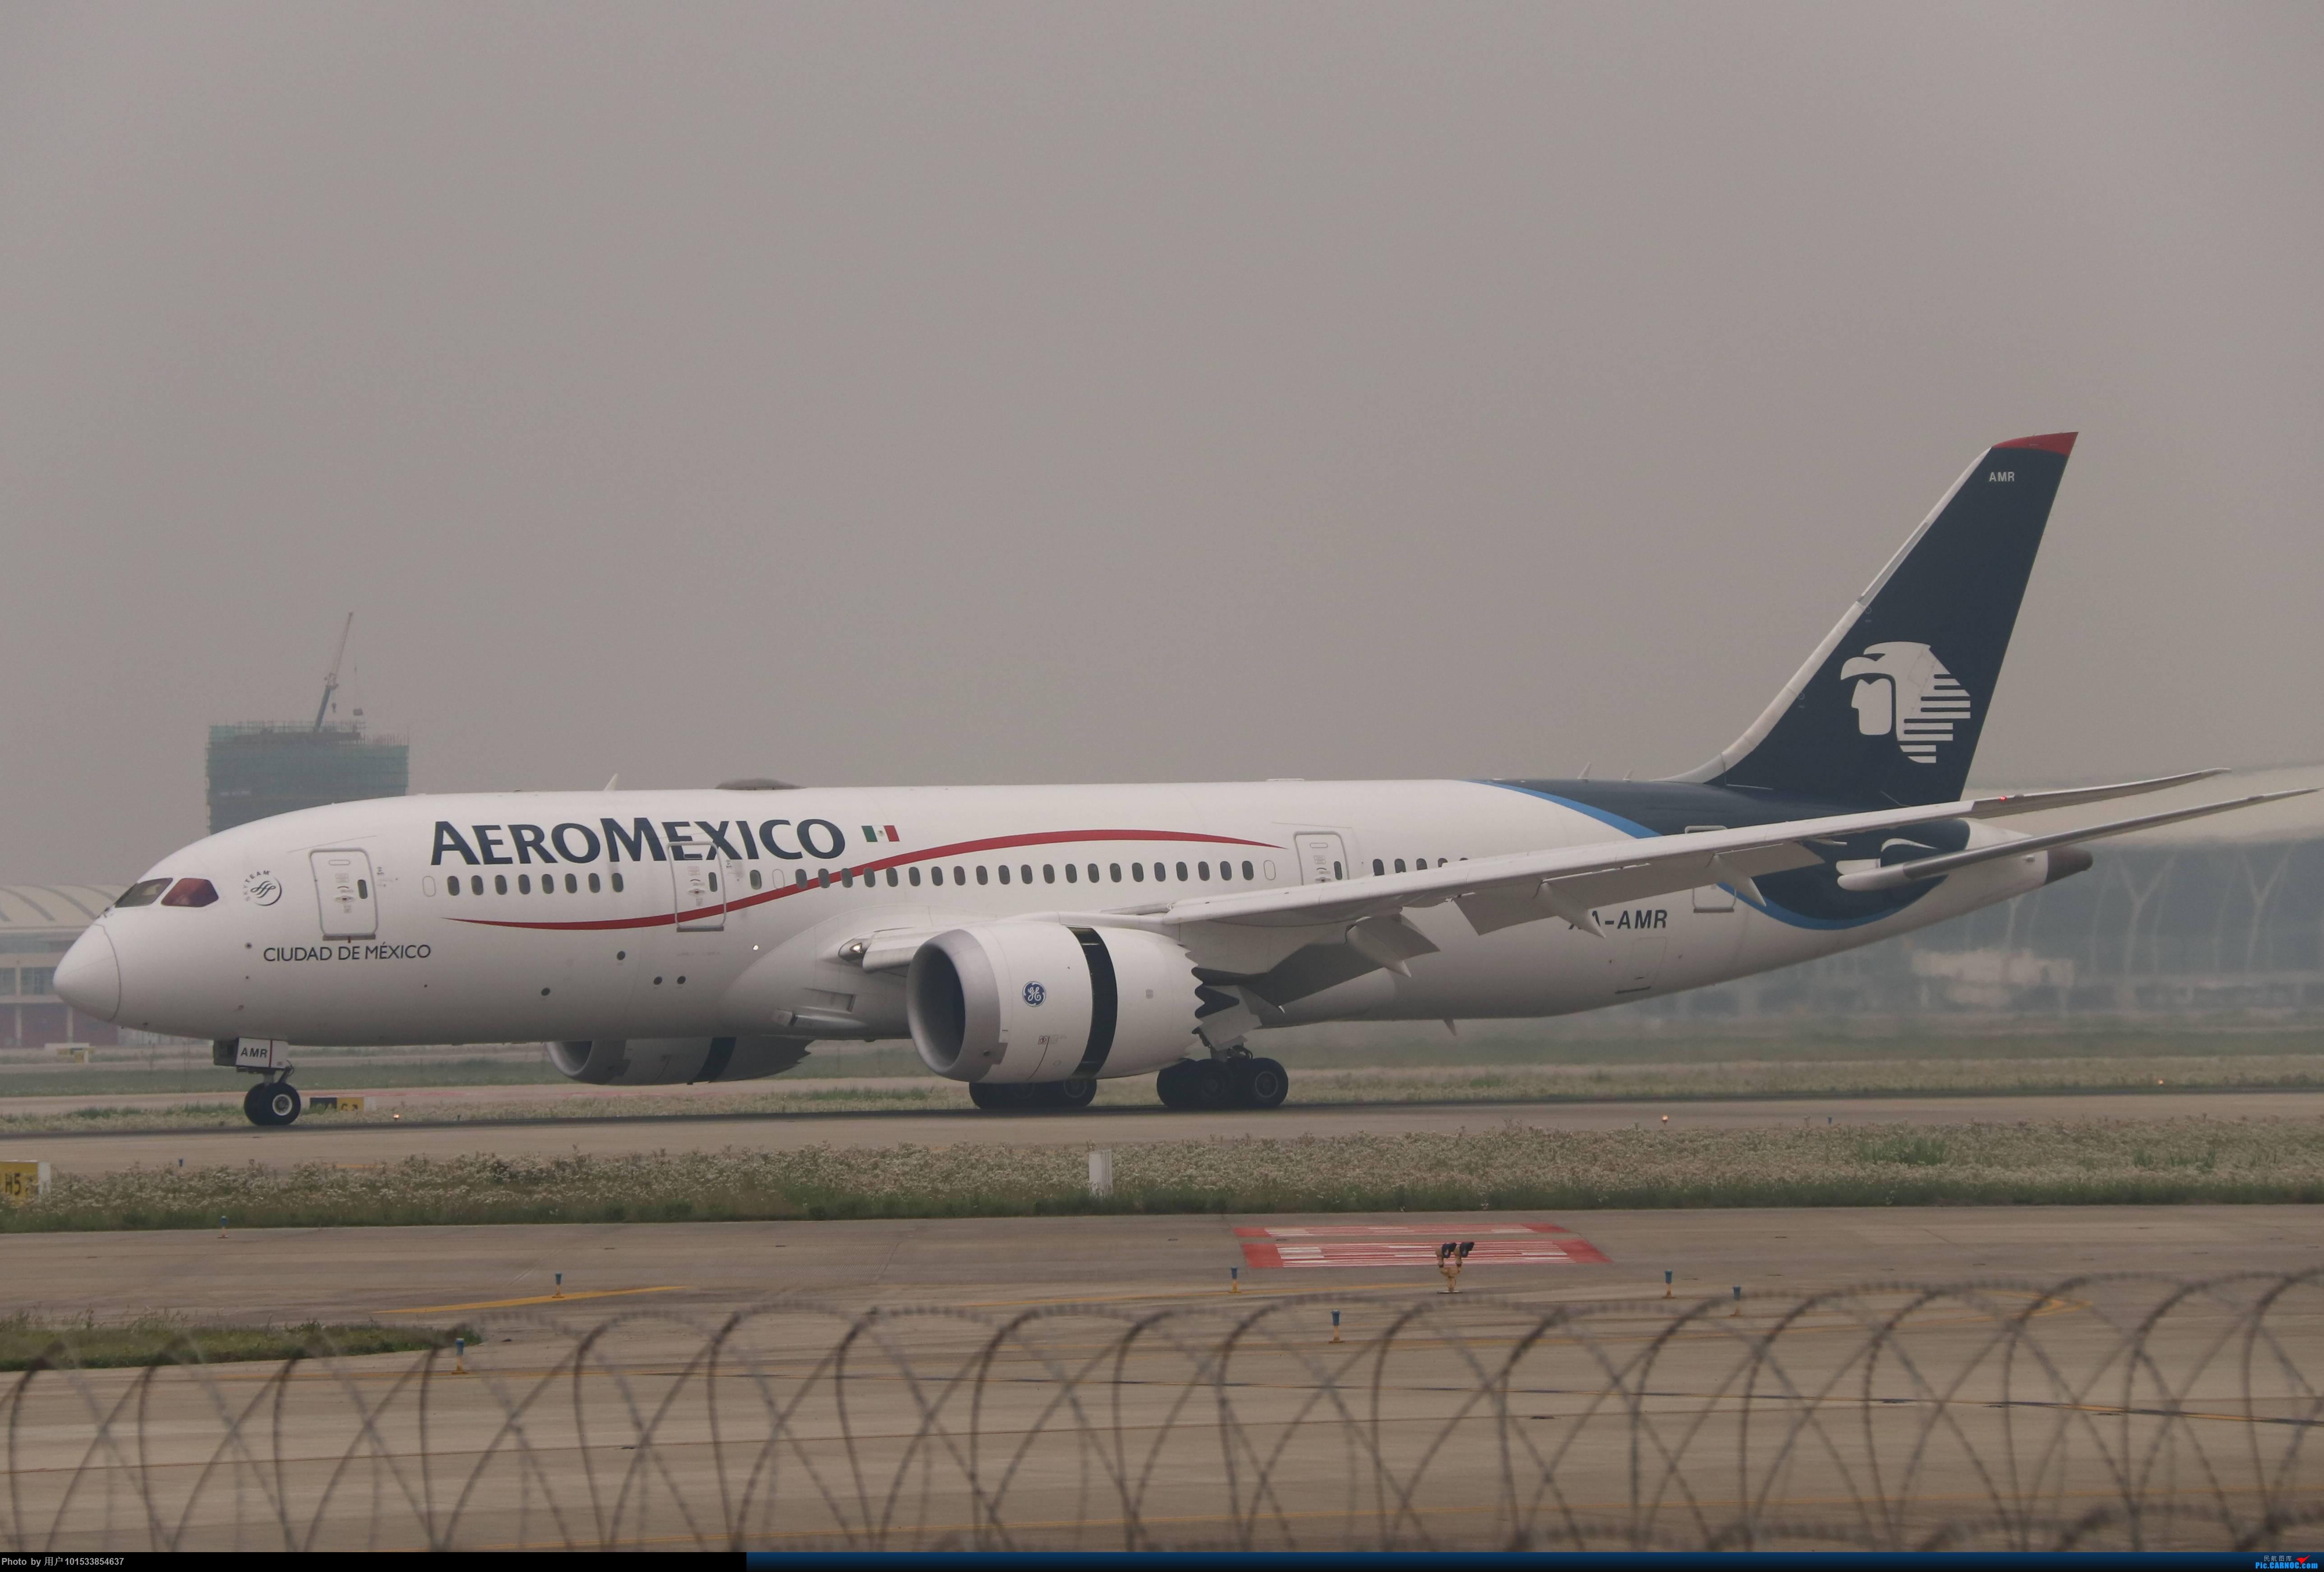 墨航787降落浦东机场(XA-AMR)